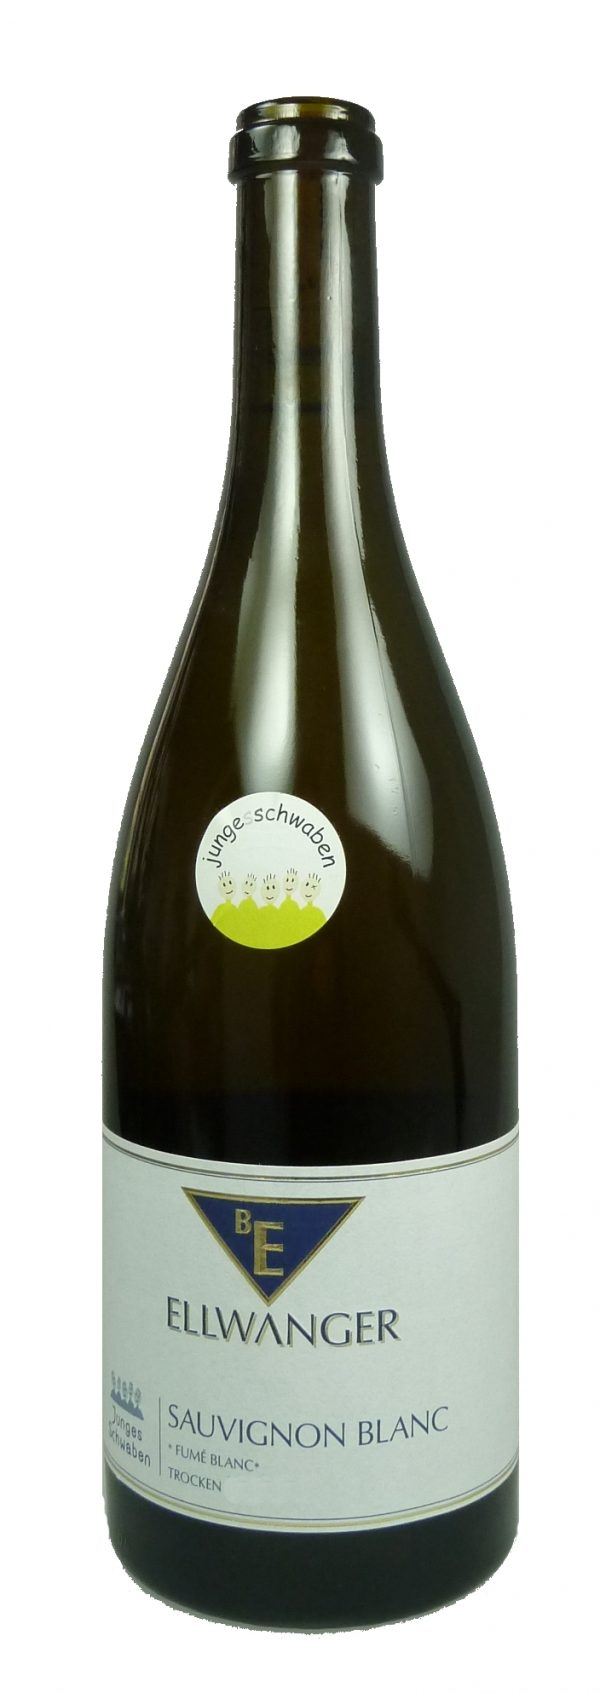 Junges Schwaben Sauvignon blanc Qualitätswein trocken 2016